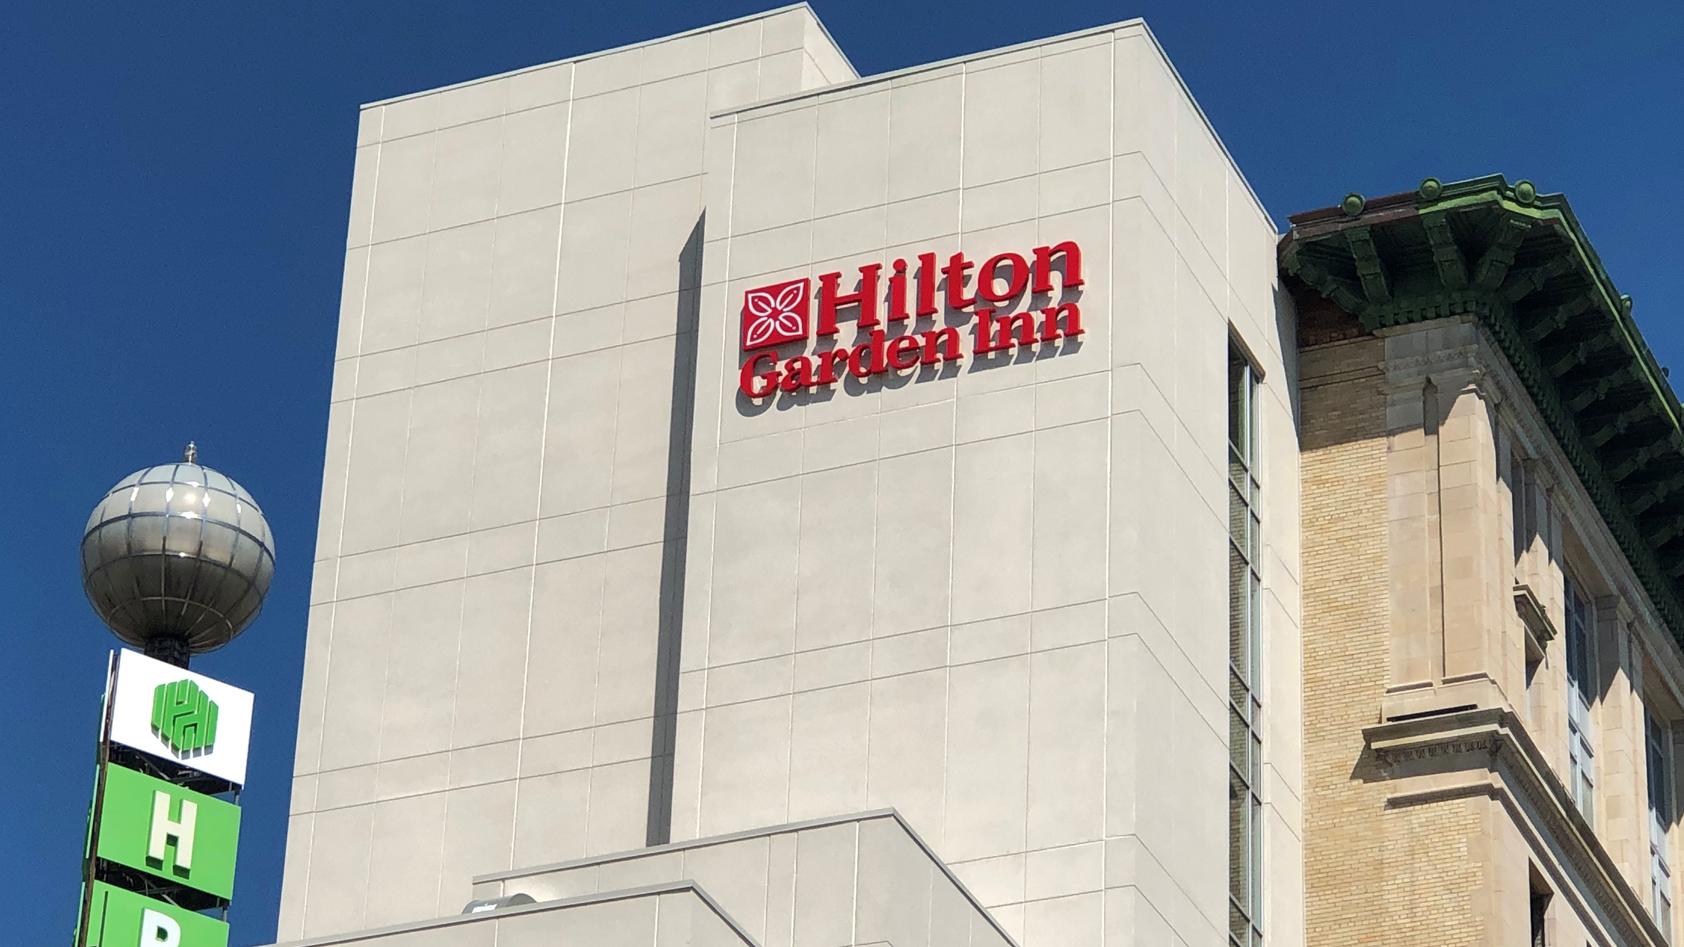 Exterior shot of the Hilton Garden Inn in downtown Flint